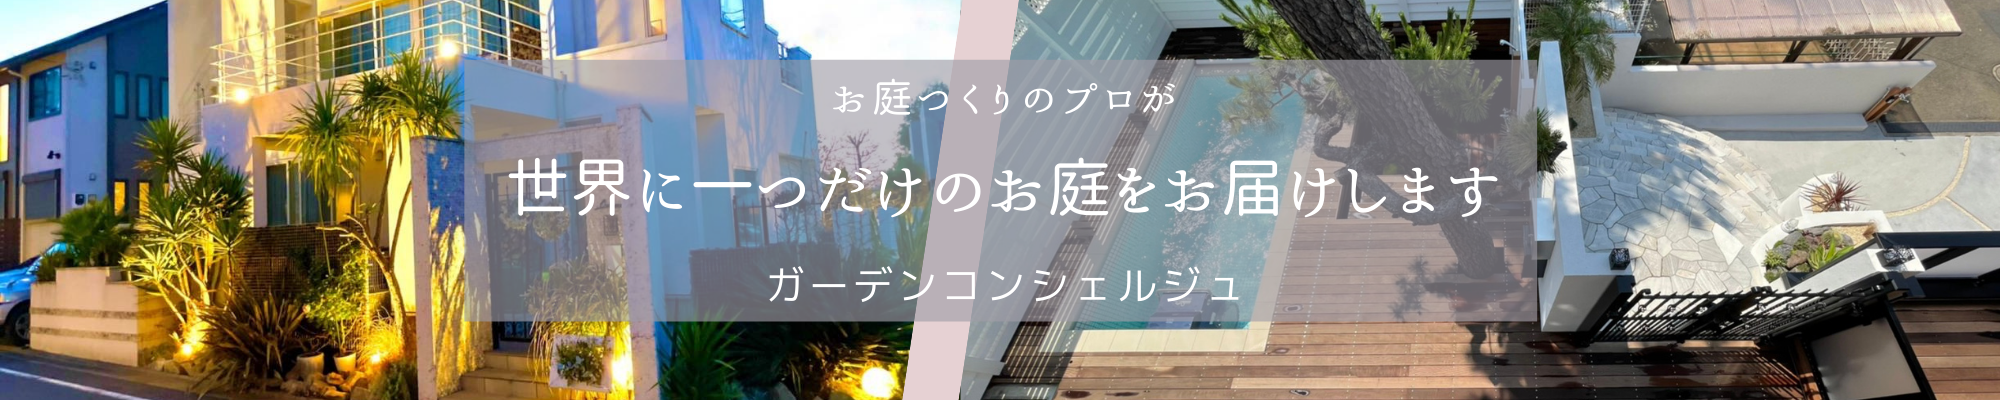 横浜・町田・大和のエクステリア、外構工事はガーデンコンシェルジュへご相談下さい